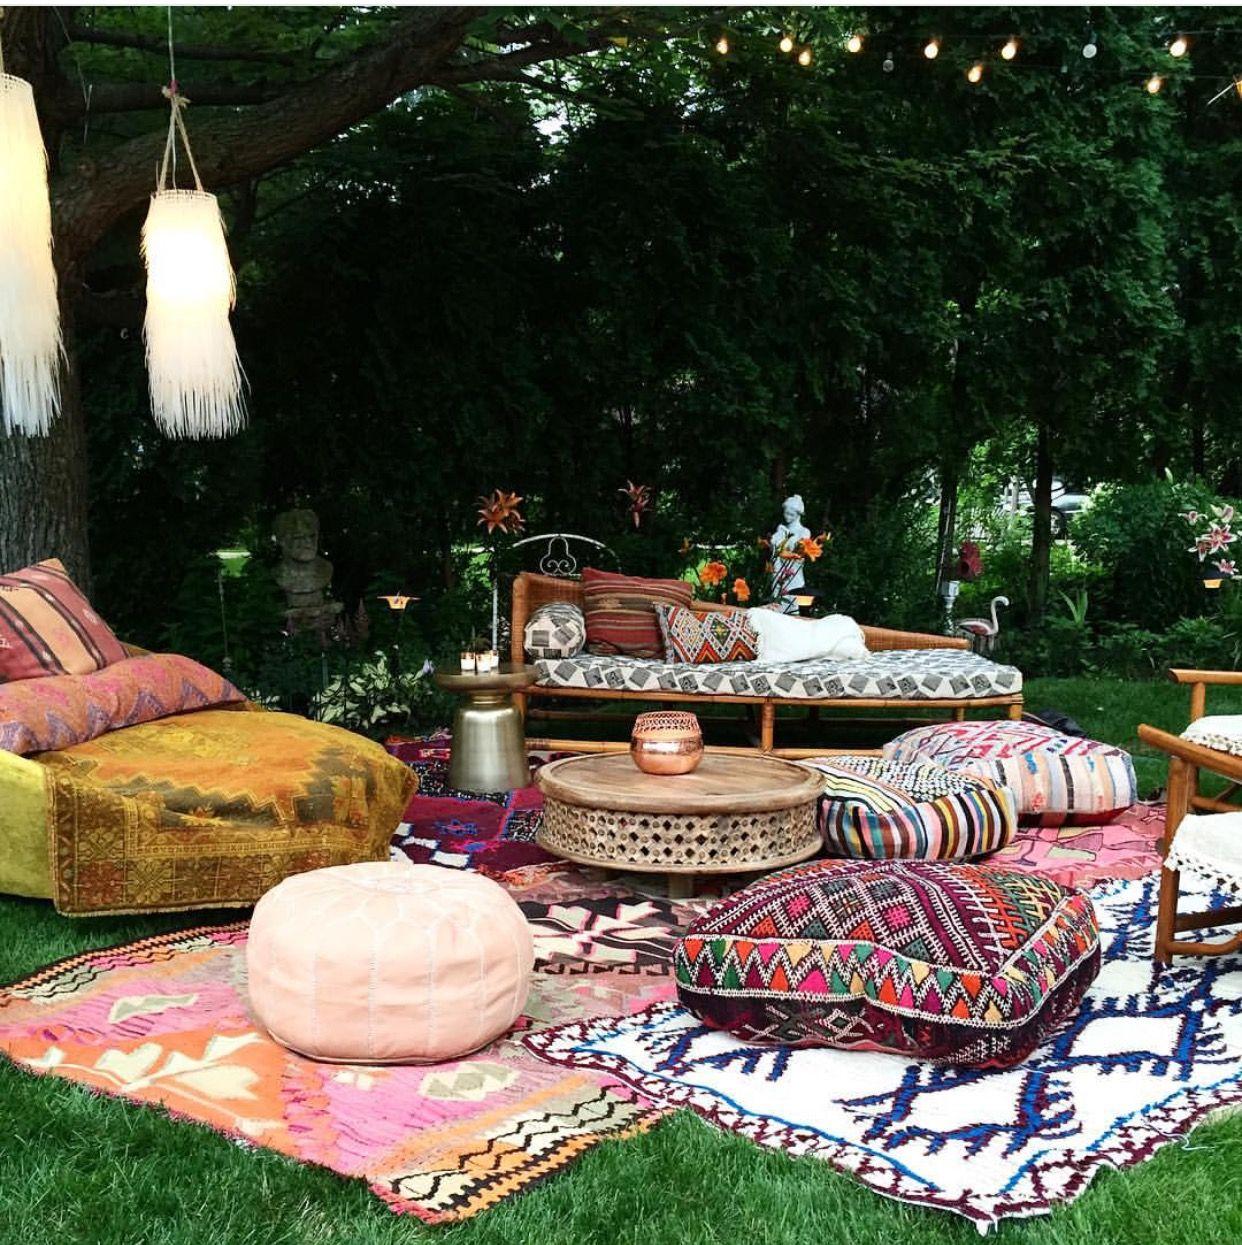 Backyard - @fleamarketfab